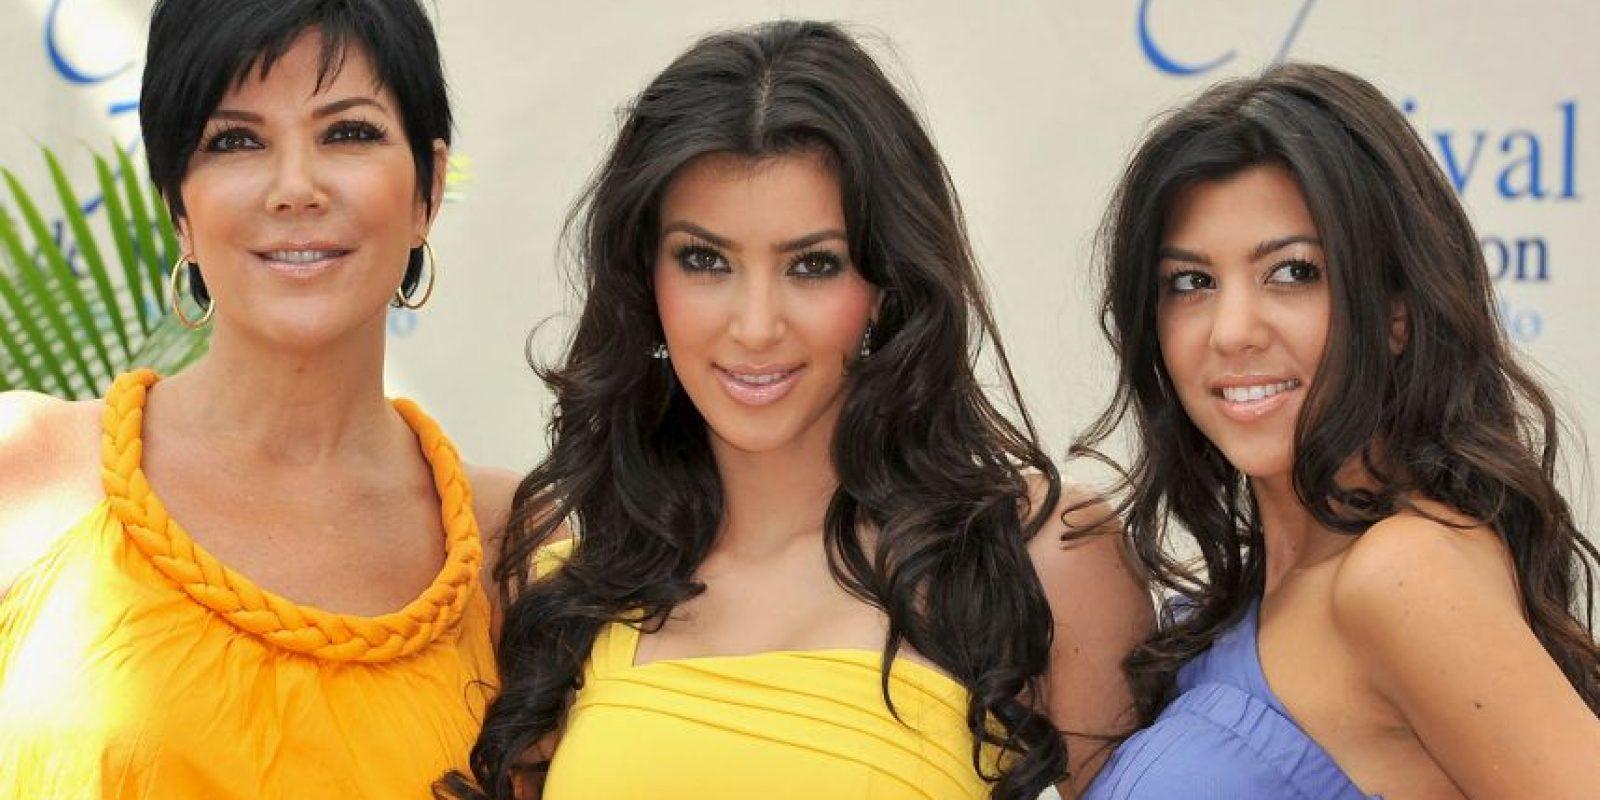 Kris pidió el divorcio en 1989. Robert Kardashian murió el 30 de septiembre de 2003 Foto:Getty Images